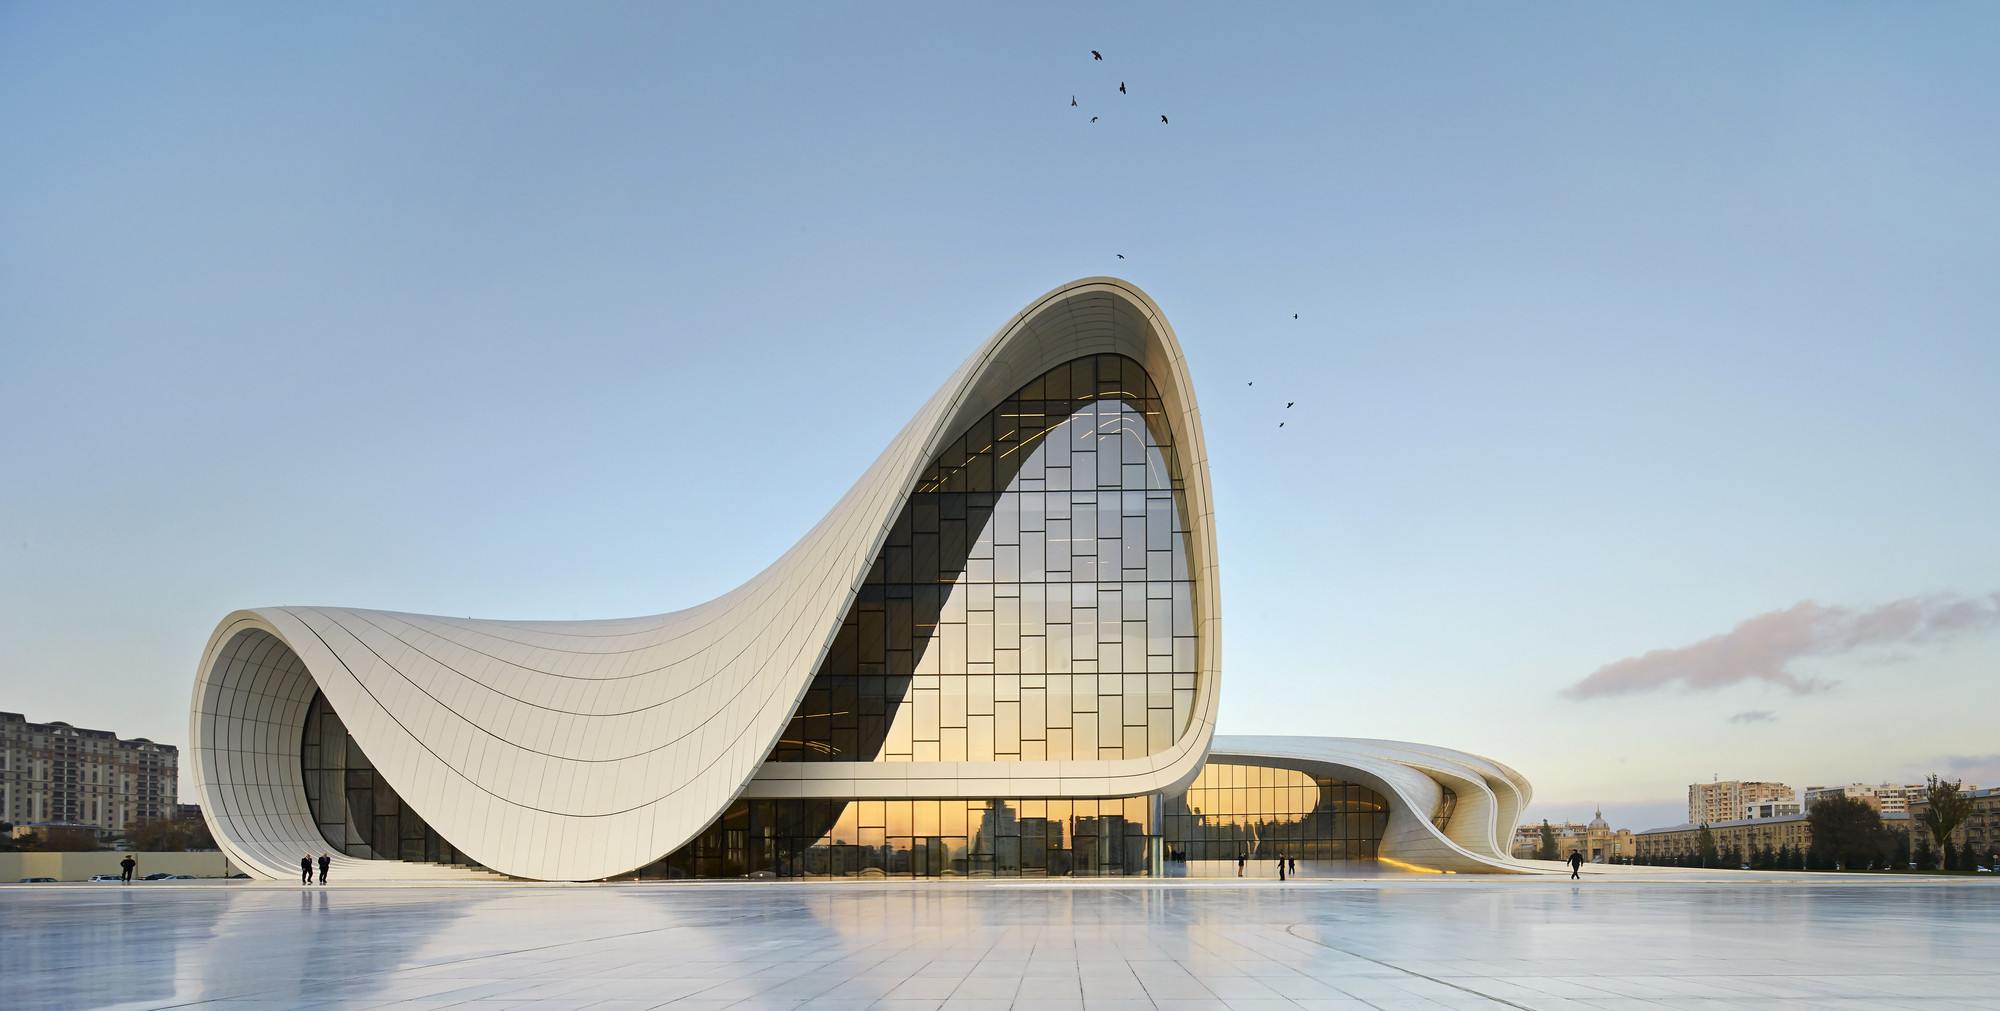 cosas que hacer en Azerbaiyán, Azerbaiyán, cosas que hacer, takemysecrets, bakú, palacio de los shirvanshah, tourism, travel, turismo, viajar